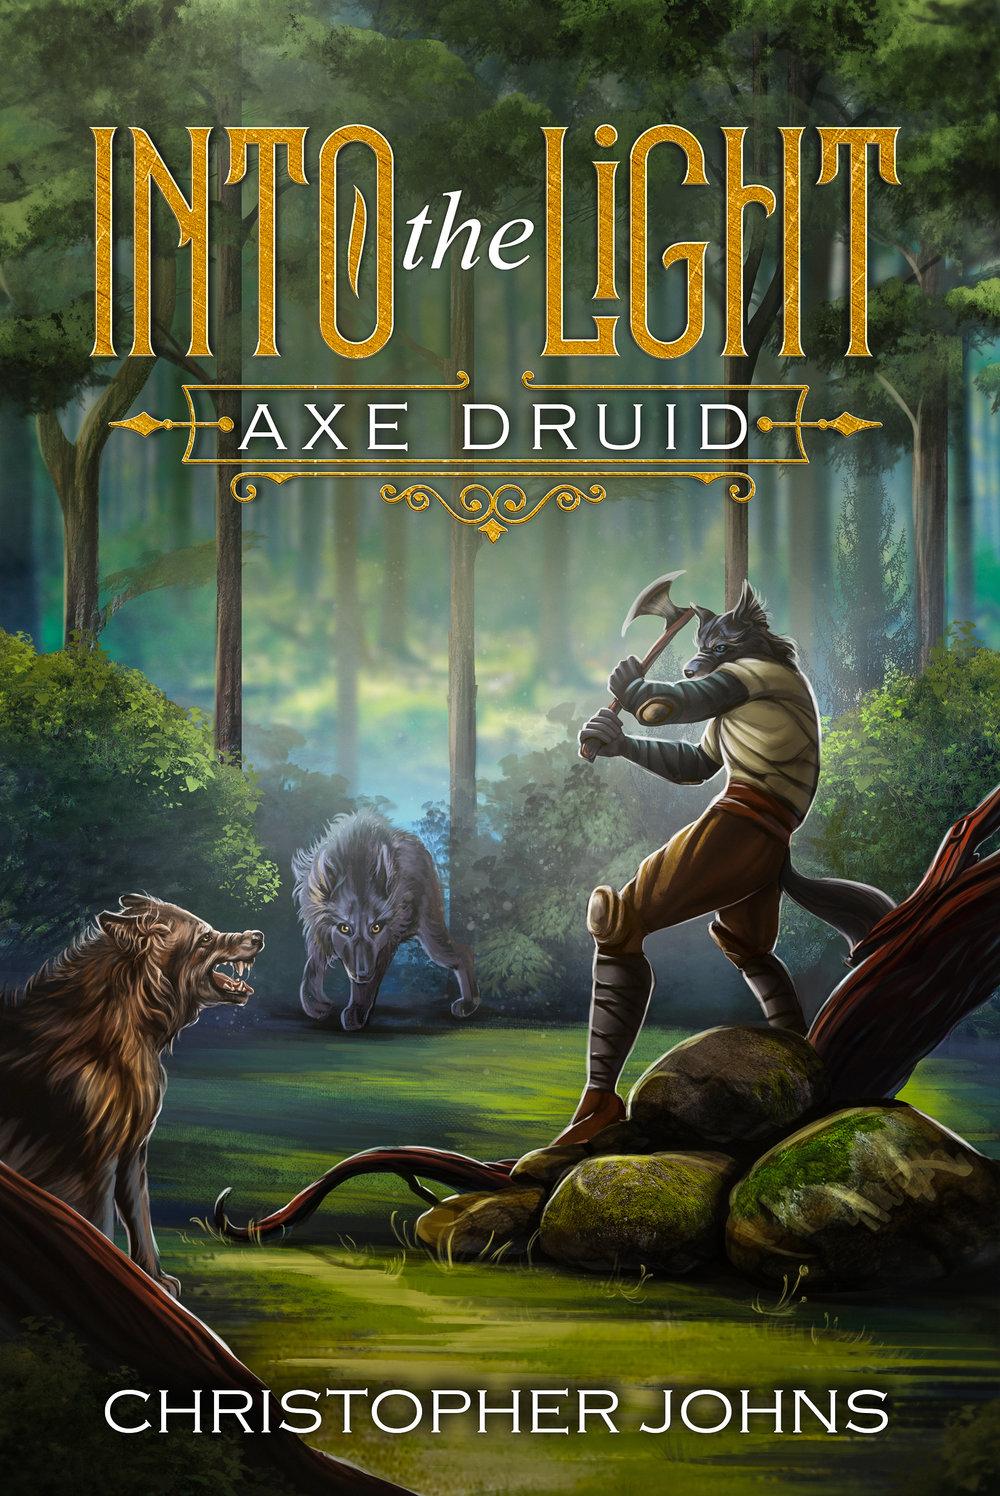 Axe Druid: Into the Light